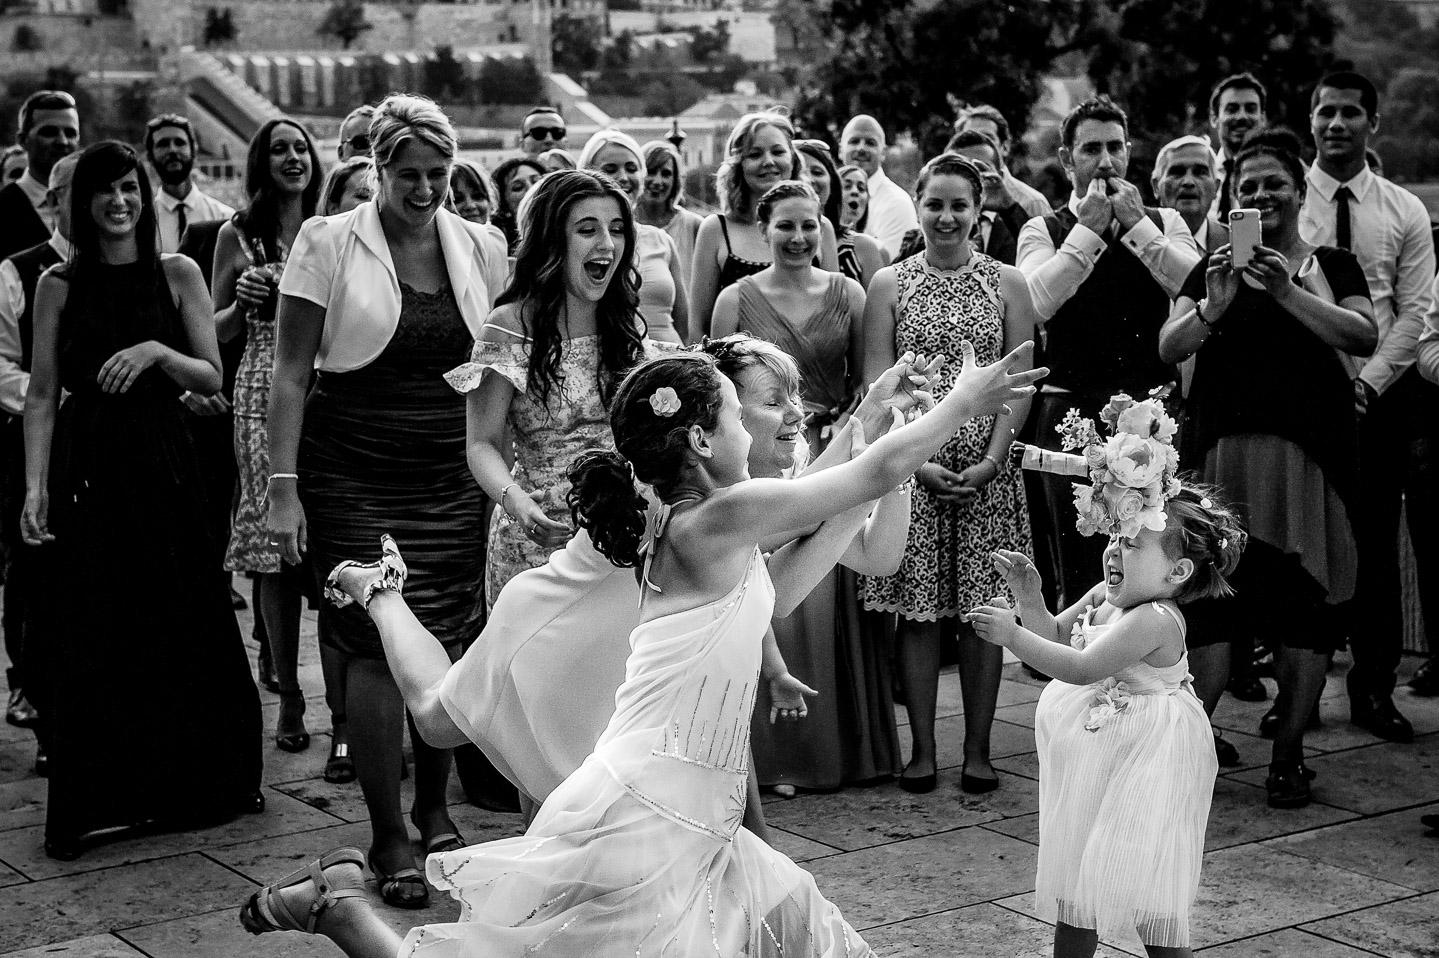 rabloczky andras wedding photography díjnyertes esküvőfotós hochzeit bryllup budapest